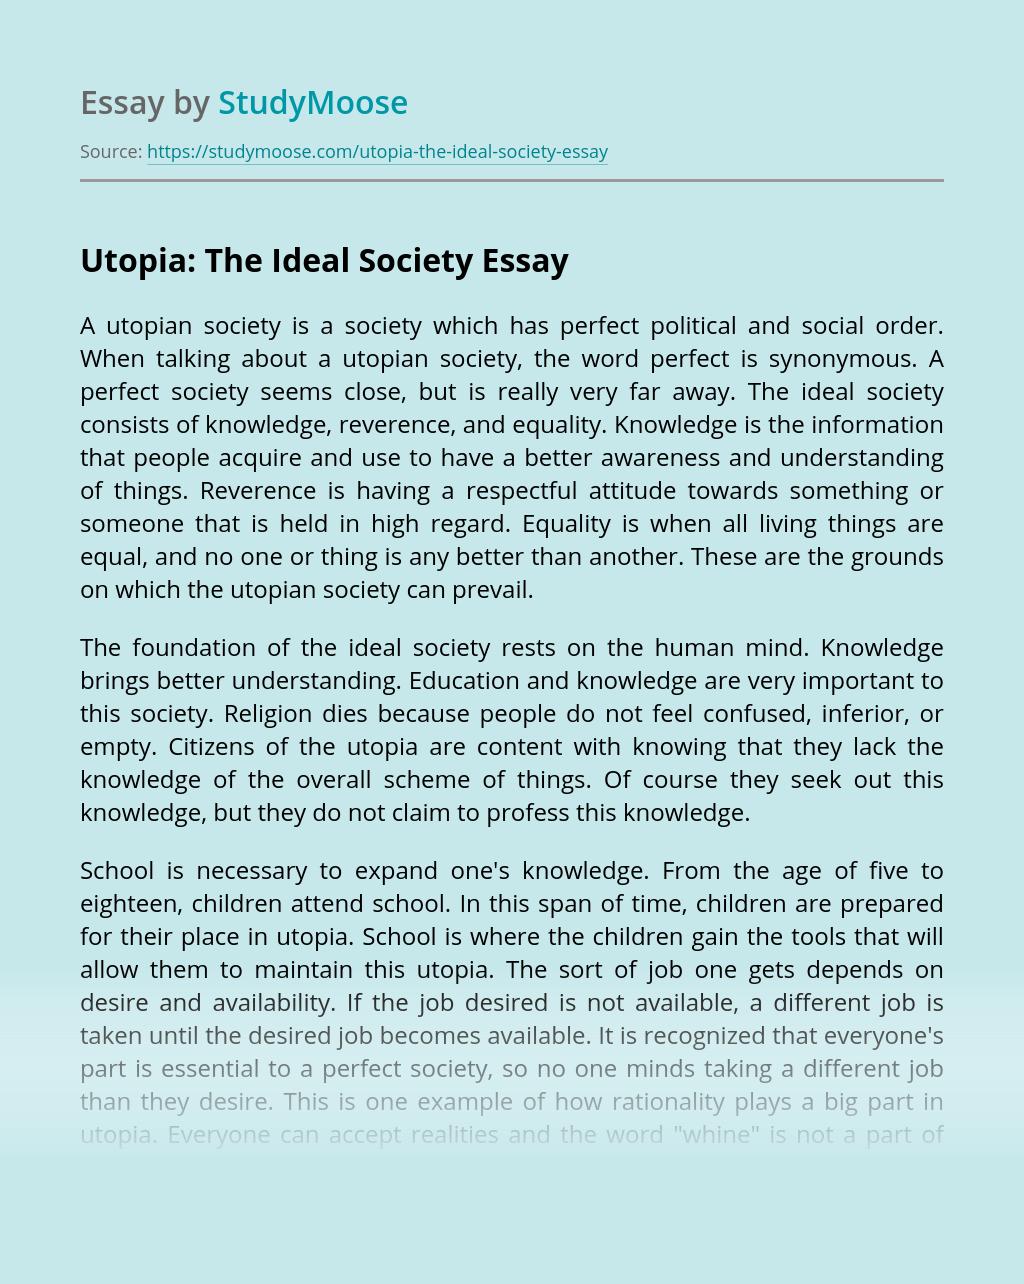 Utopia: The Ideal Society